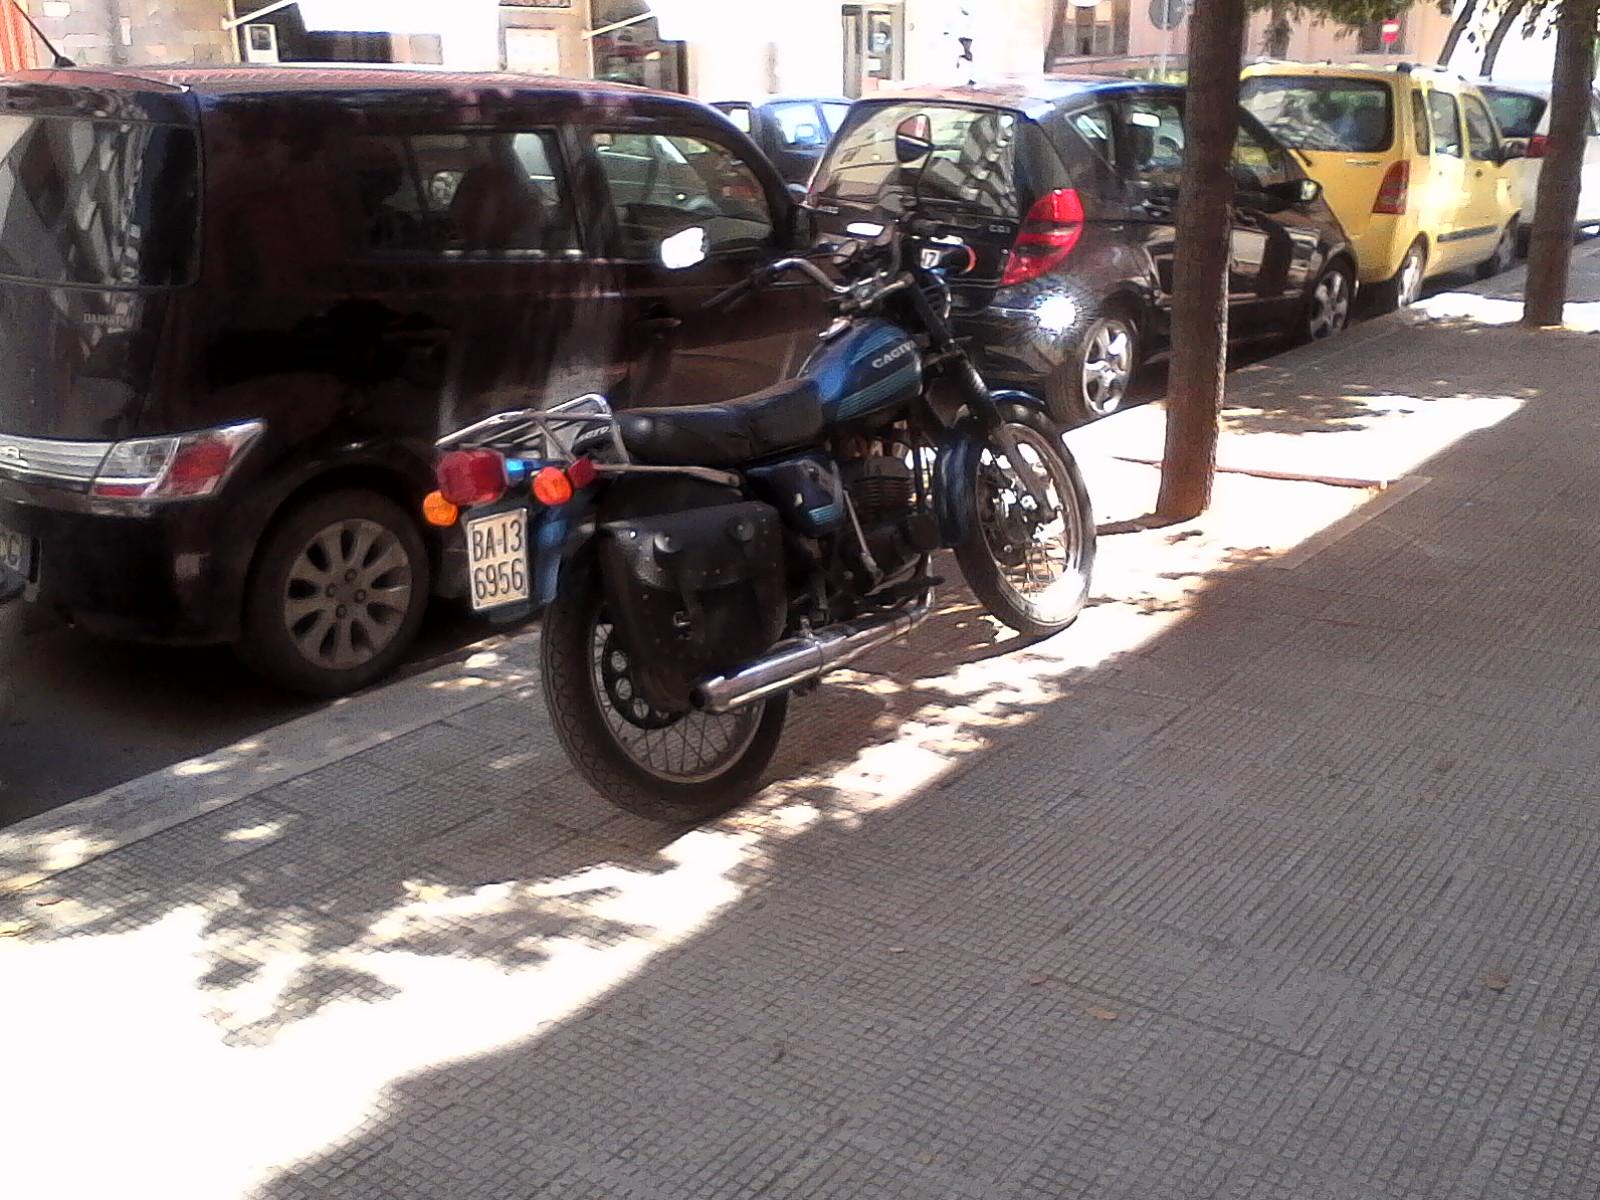 Foto di moto d'epoca o rare avvistate per strada - Pagina 17 02311